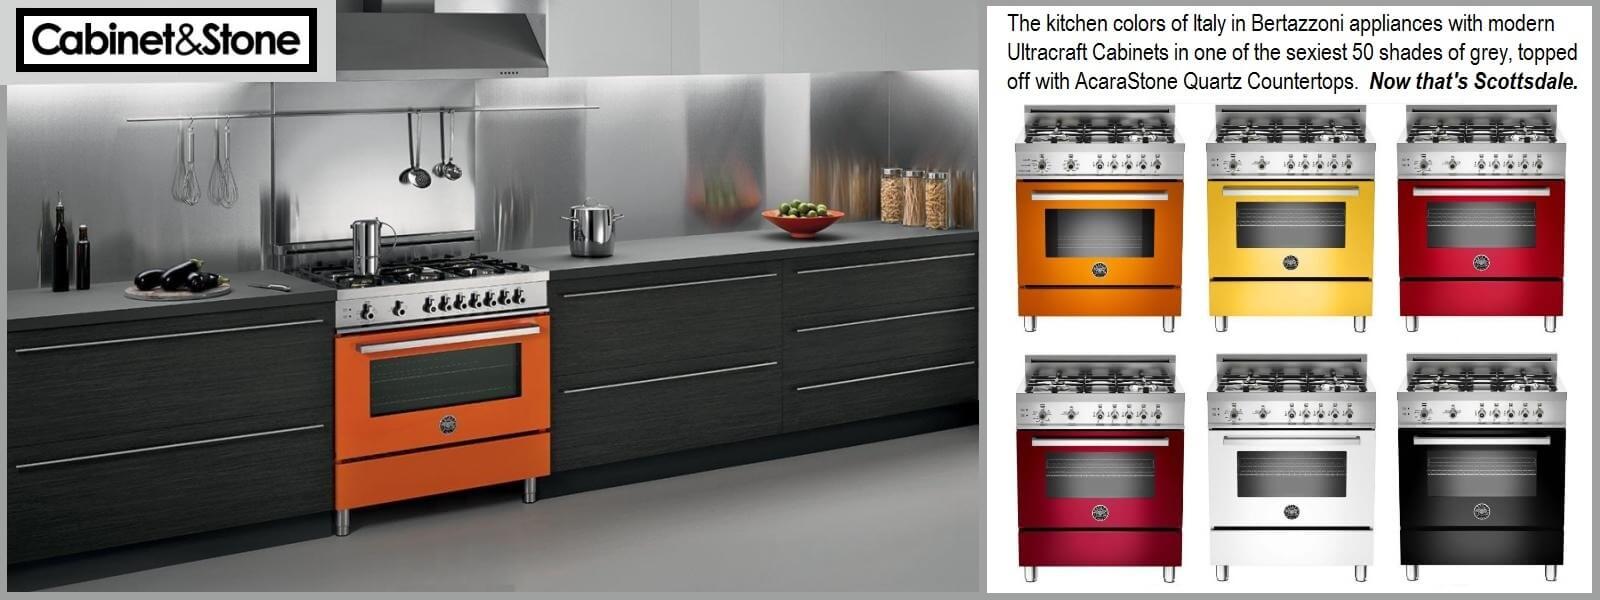 kitchen cabinetandstone kitchen remodel scottsdale Sollid Cabinetry Dealer Scottsdale Cabinet Stone Kitchen Remodeling Scottsdale Style